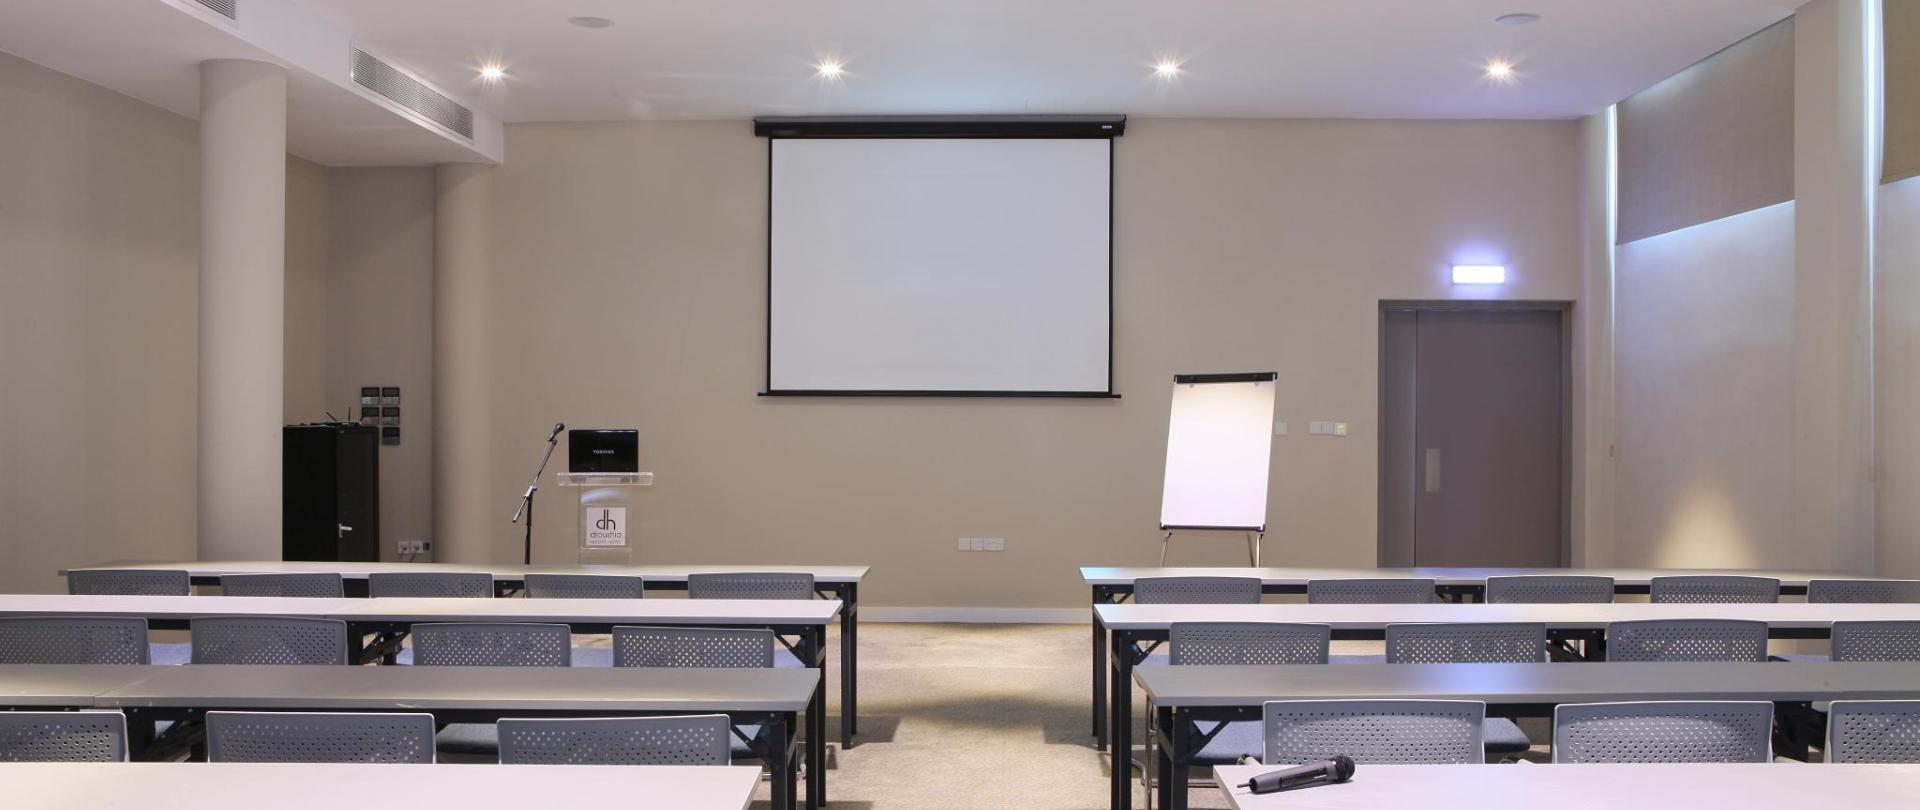 Αίθουσα συνεδριάσεων (100 άτομα)